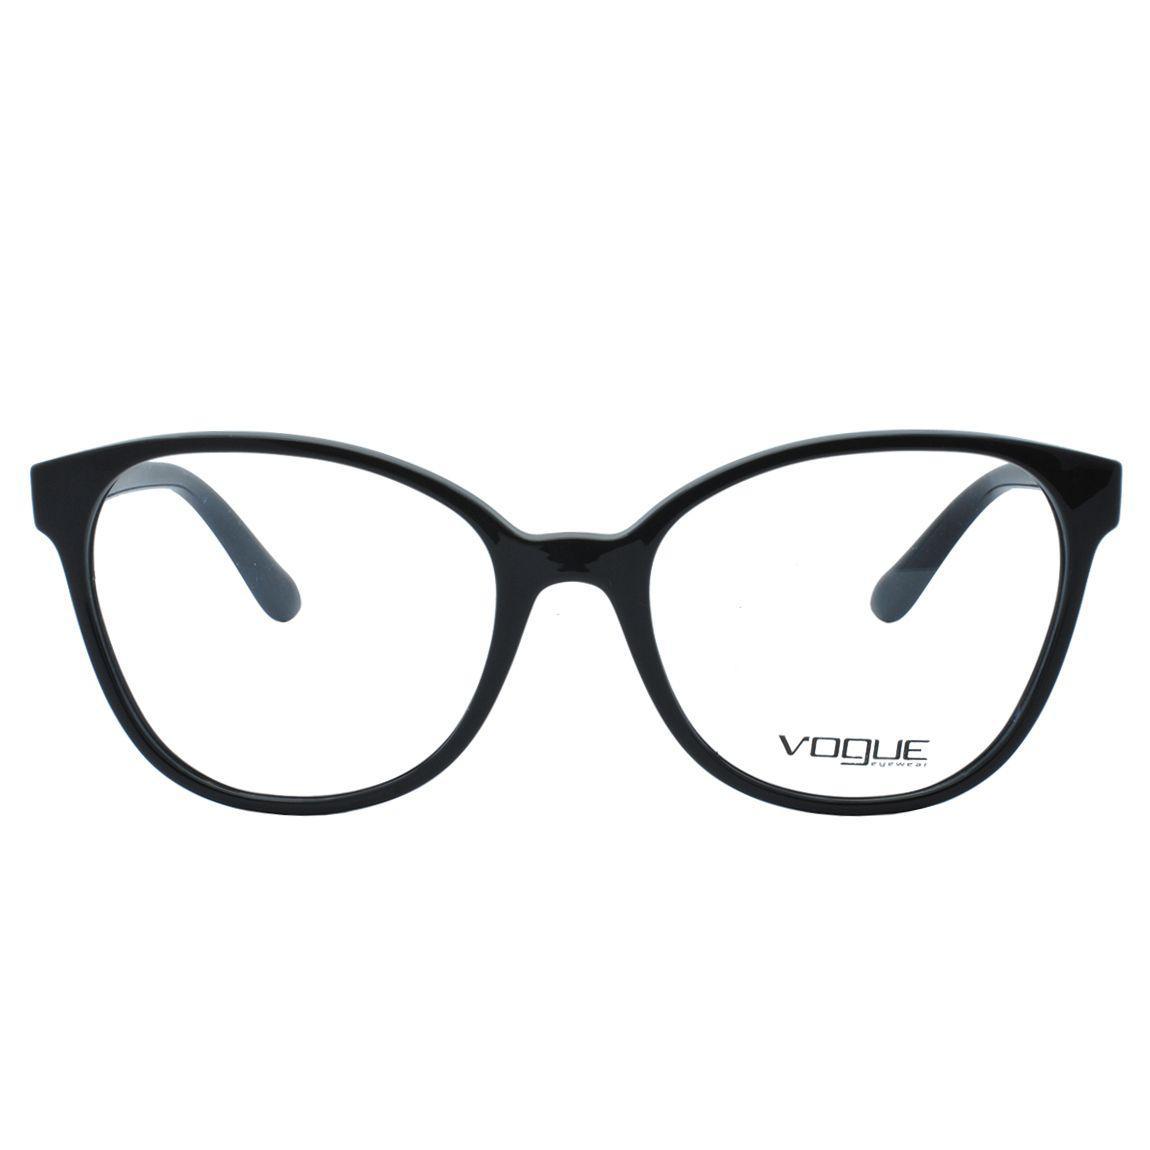 7444587c19399 Óculos de Grau Vogue Feminino VO5234L W44 - Acetato Preto - Óptica ...